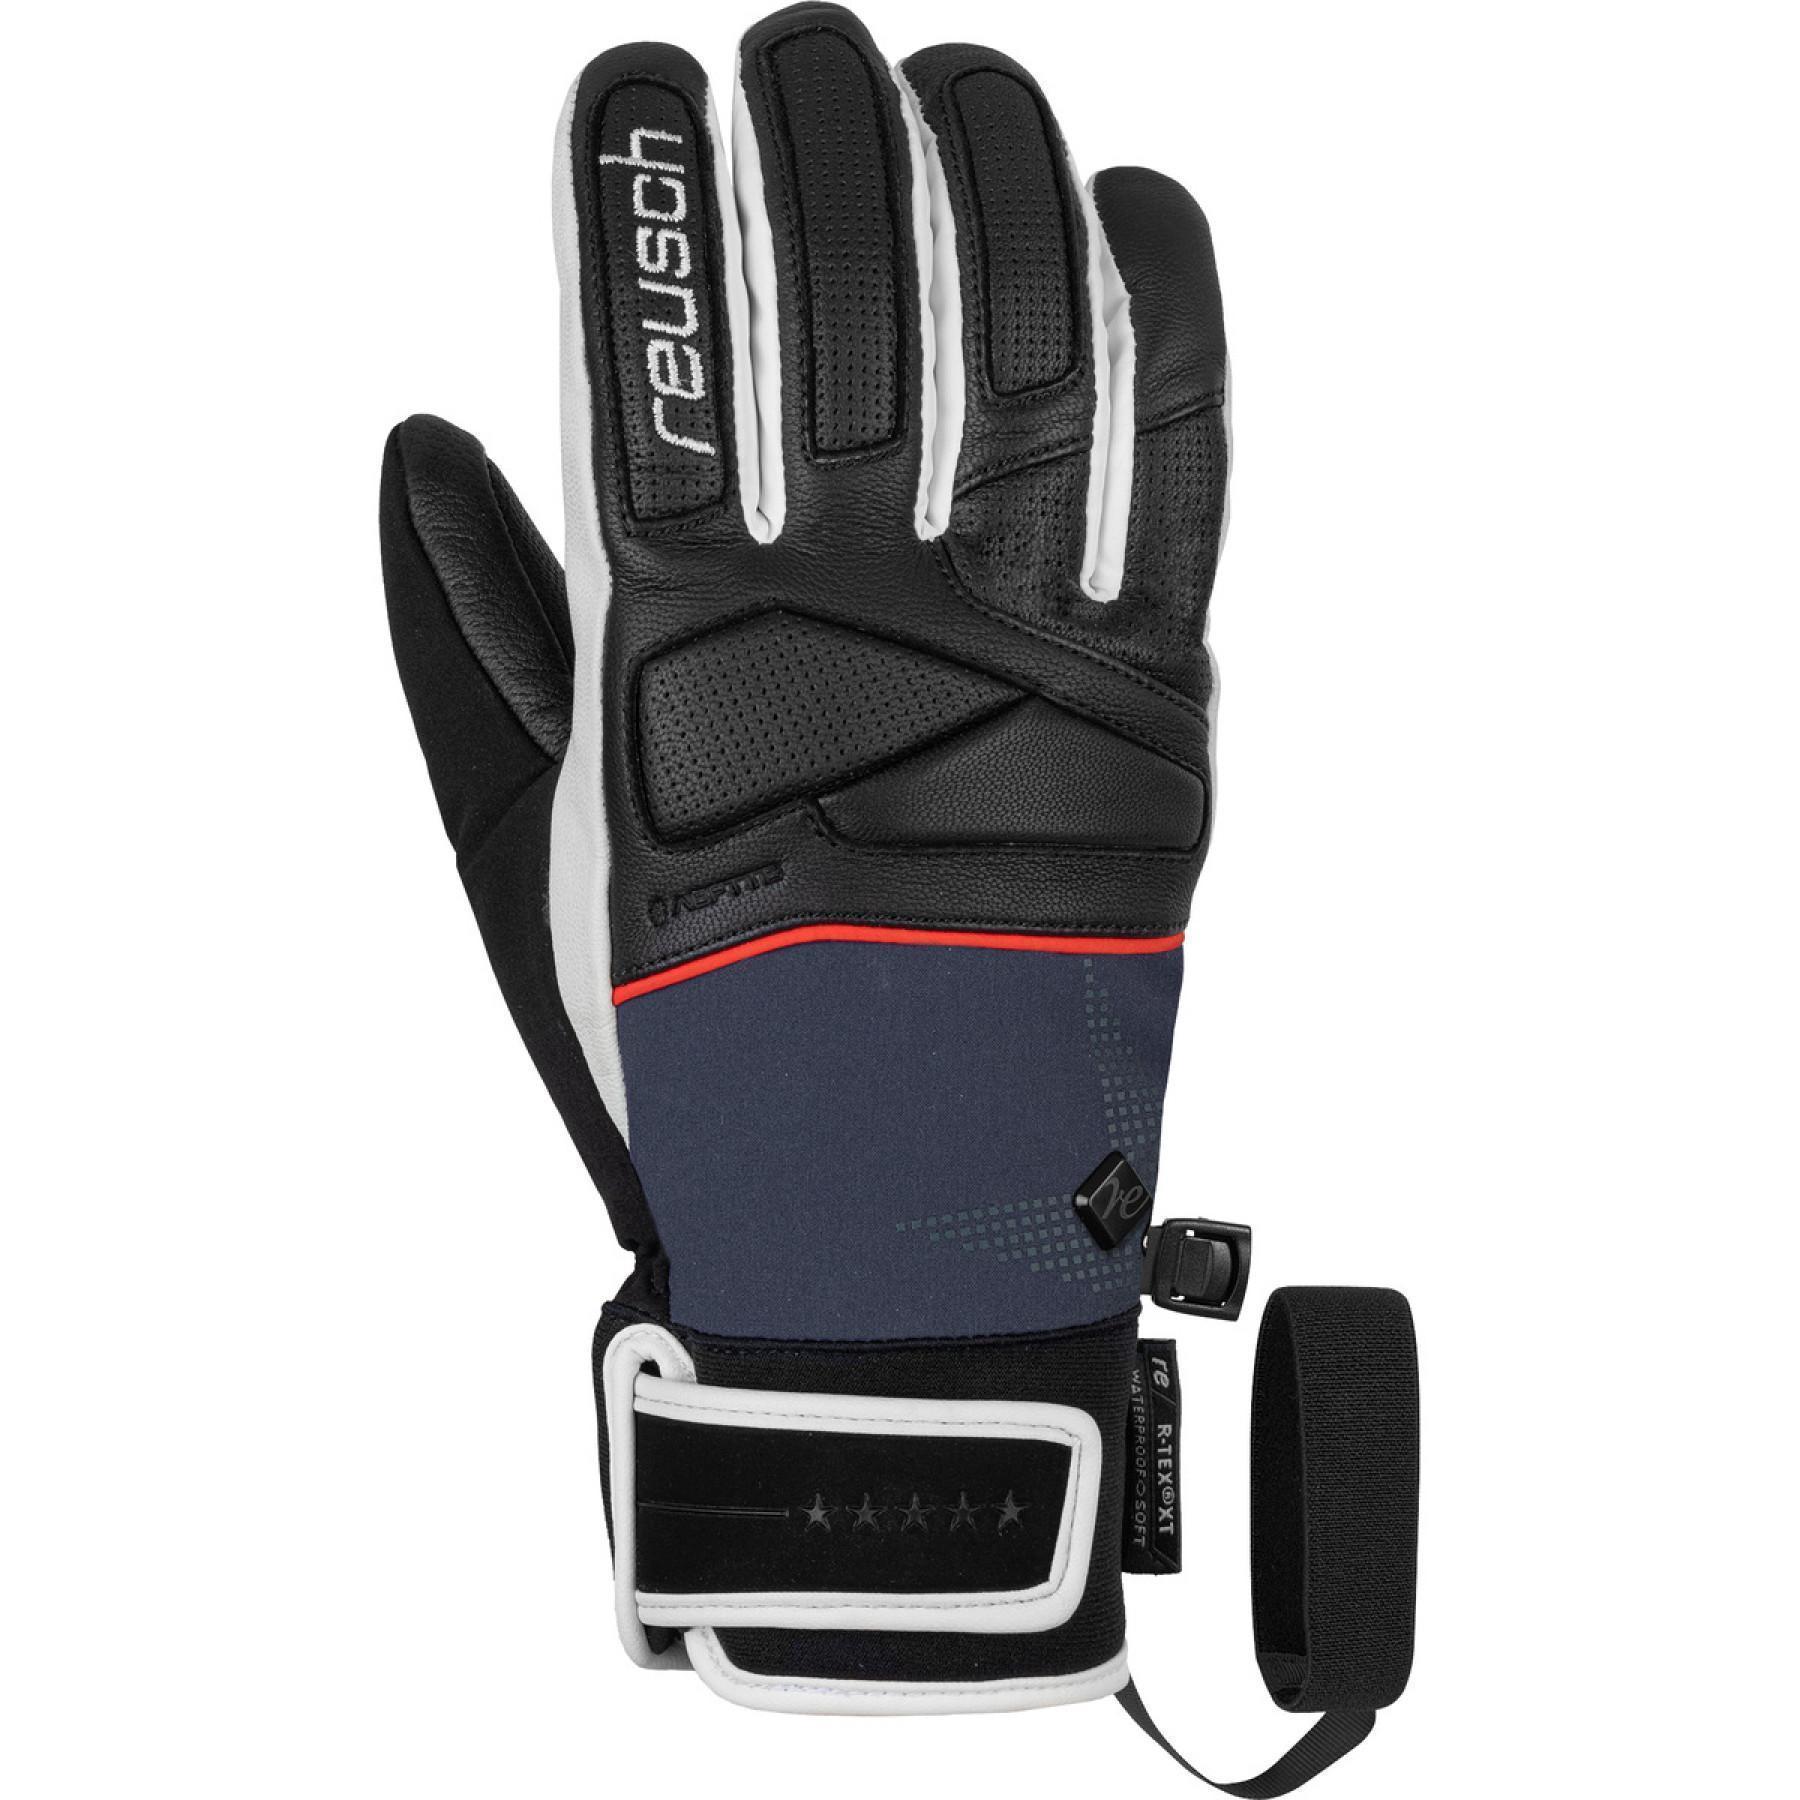 Gloves Reusch Mikaela Shiffrin R-tex® Xt